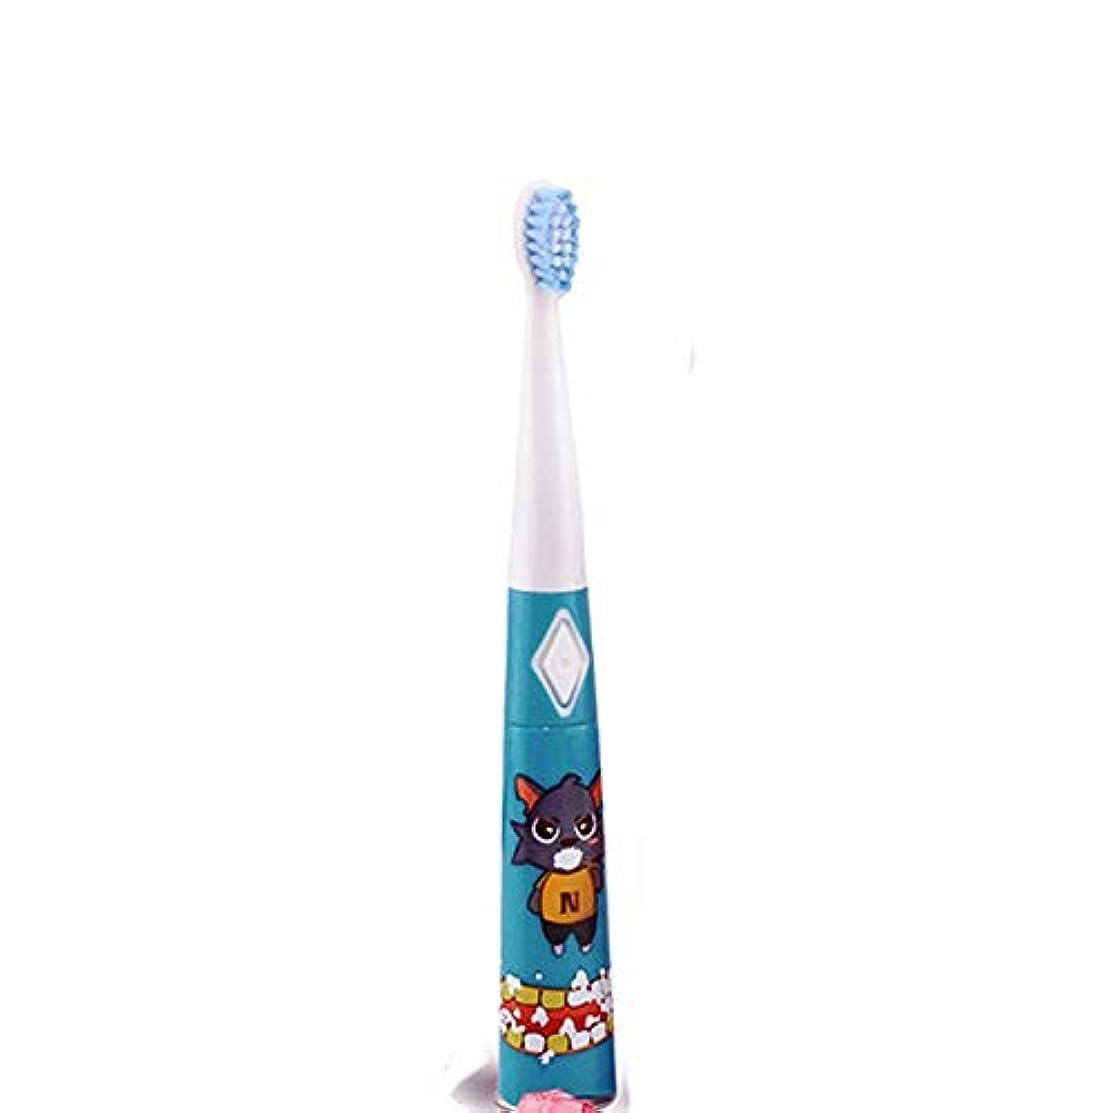 外部新しさペナルティ電動歯ブラシ 子供の漫画のパターン電動歯ブラシ防水ソフト歯ブラシ 子供と大人に適して (色 : 青, サイズ : Free size)